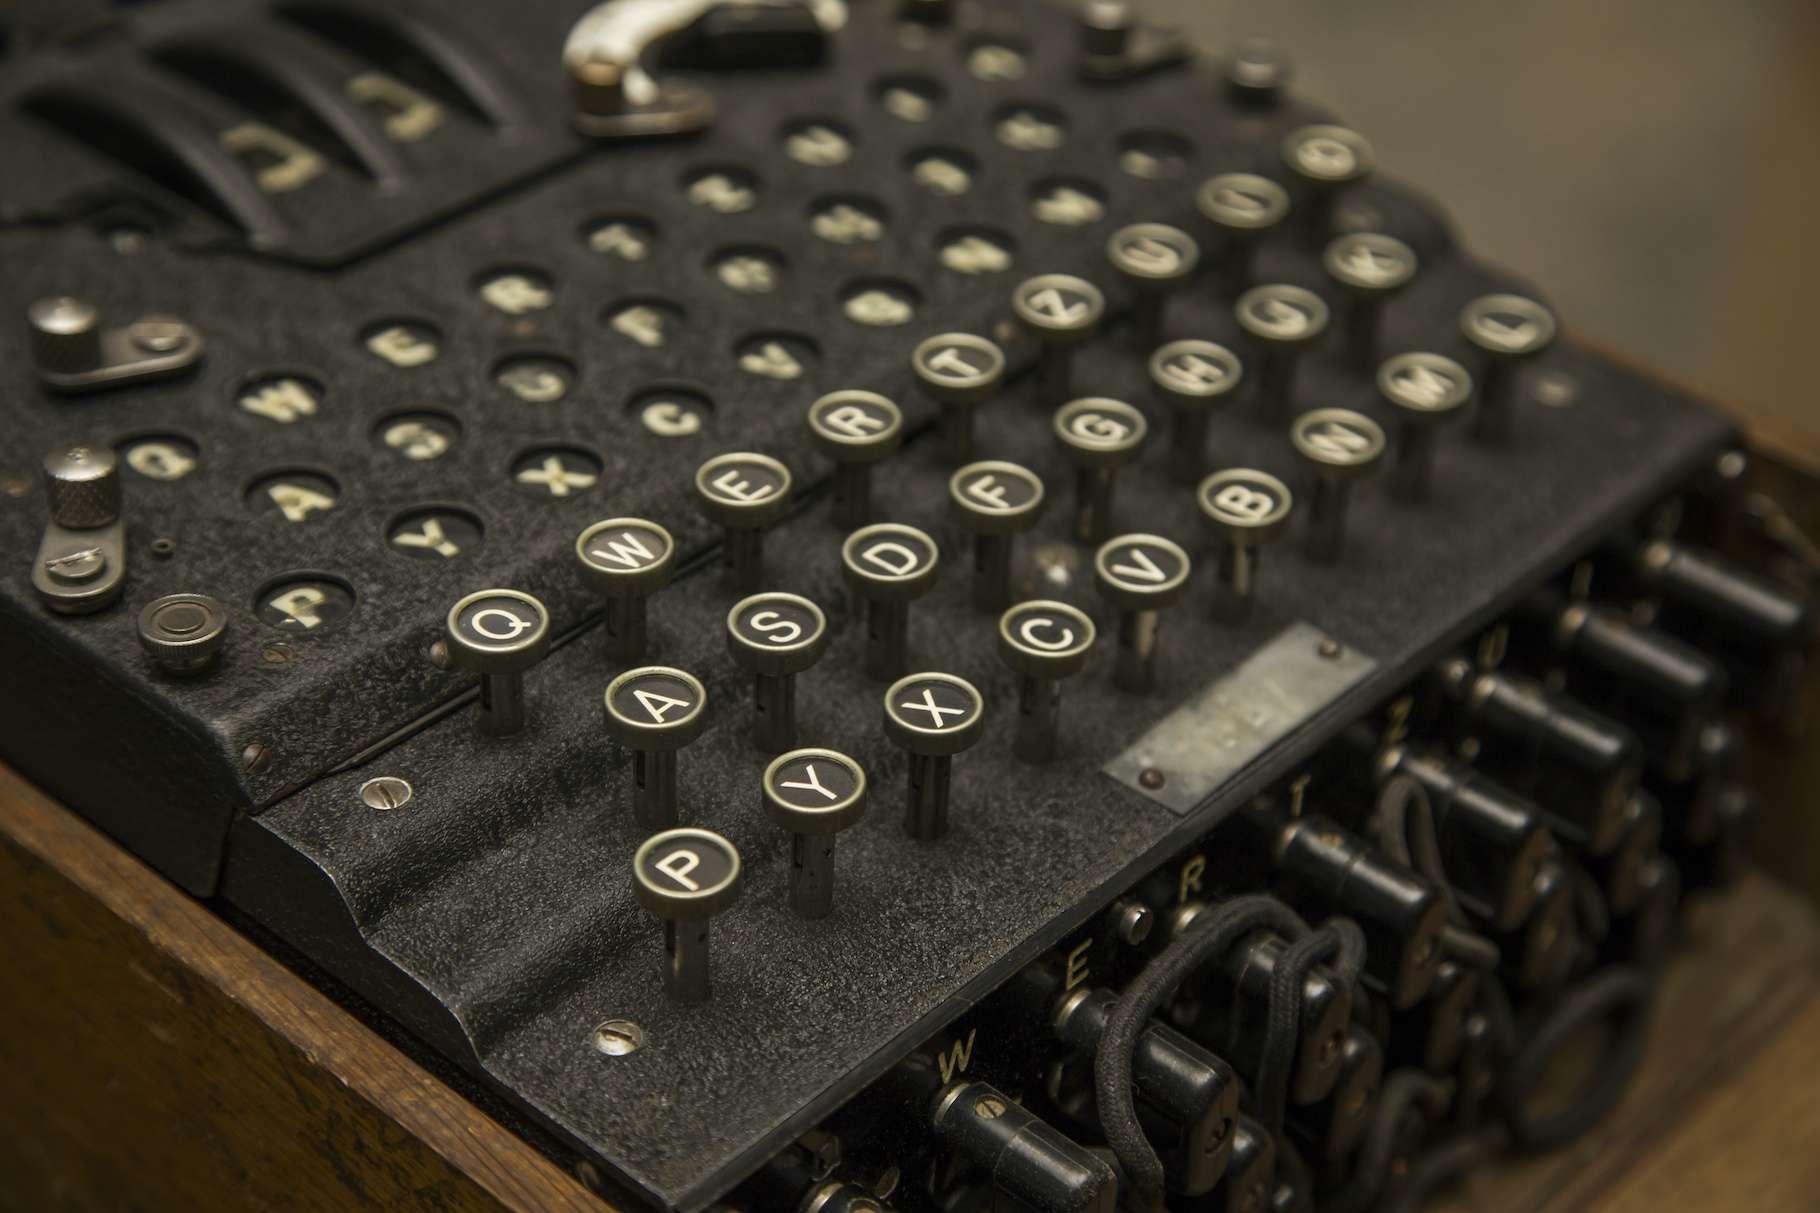 Pendant la Seconde Guerre mondiale, les Allemands ont eu recours à une machine de chiffrement redoutable baptisée Enigma. © Boca, Adobe Stock